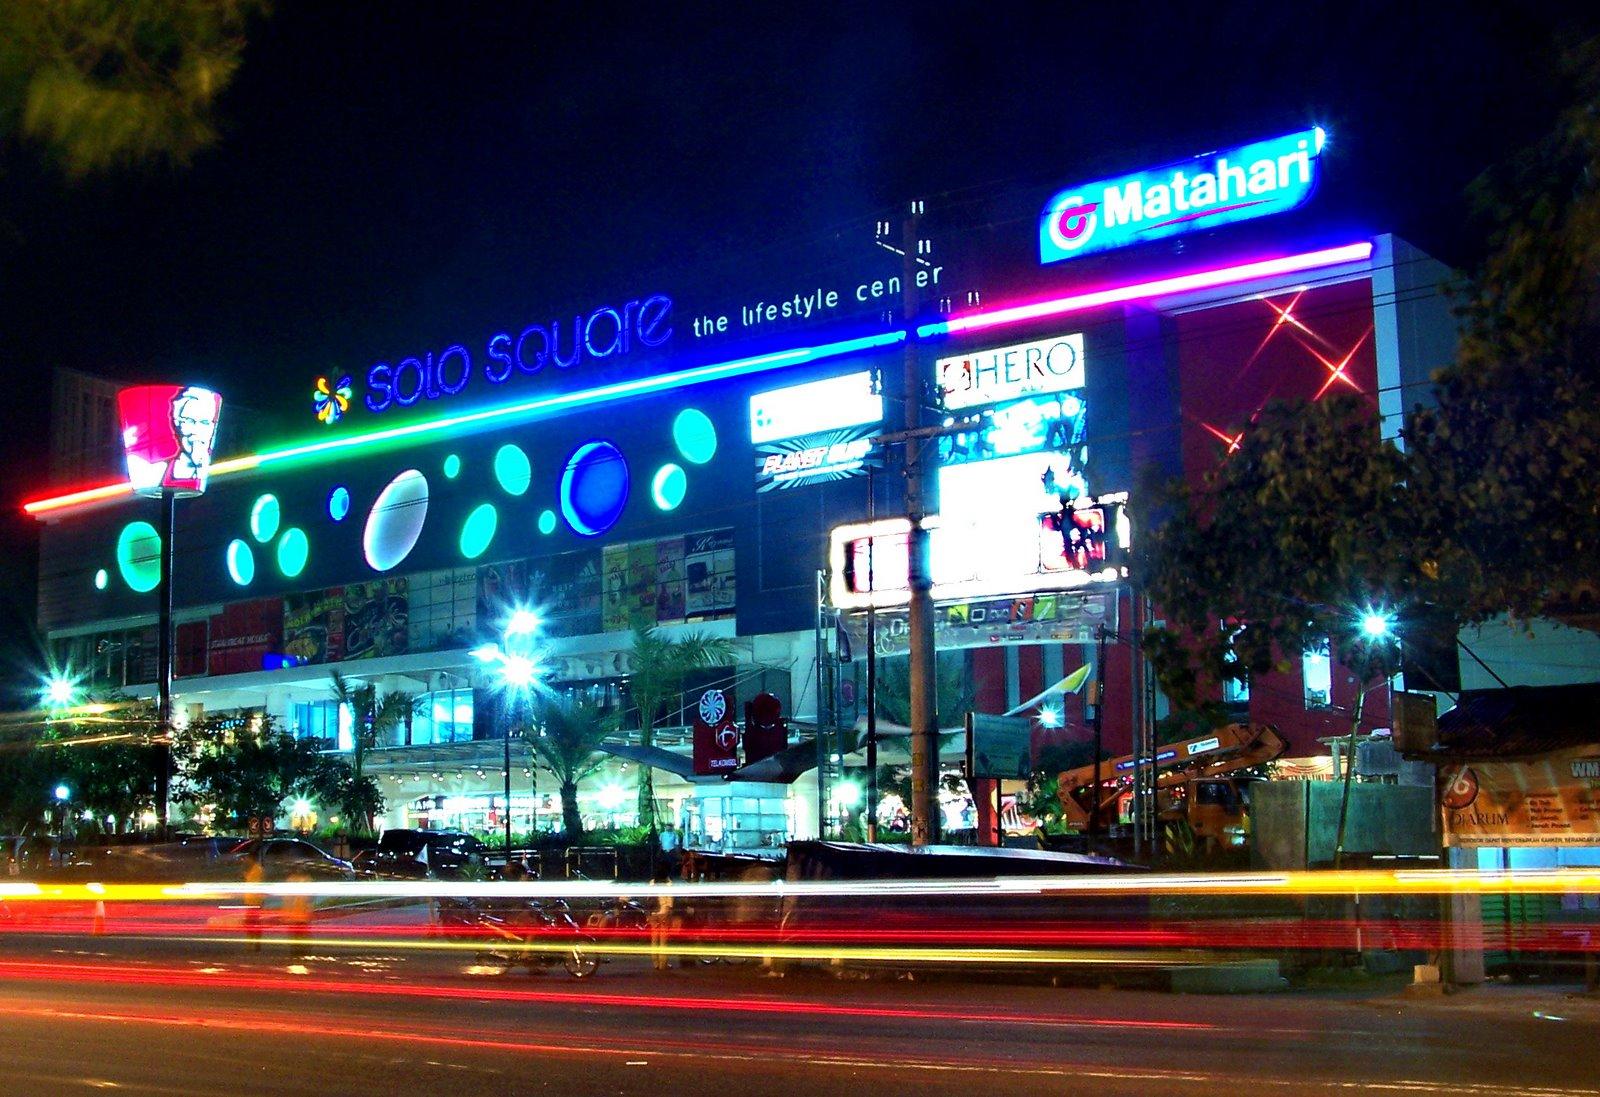 Mall Pusat Perbelanjaan Paling Populer dan Favorit di Kota